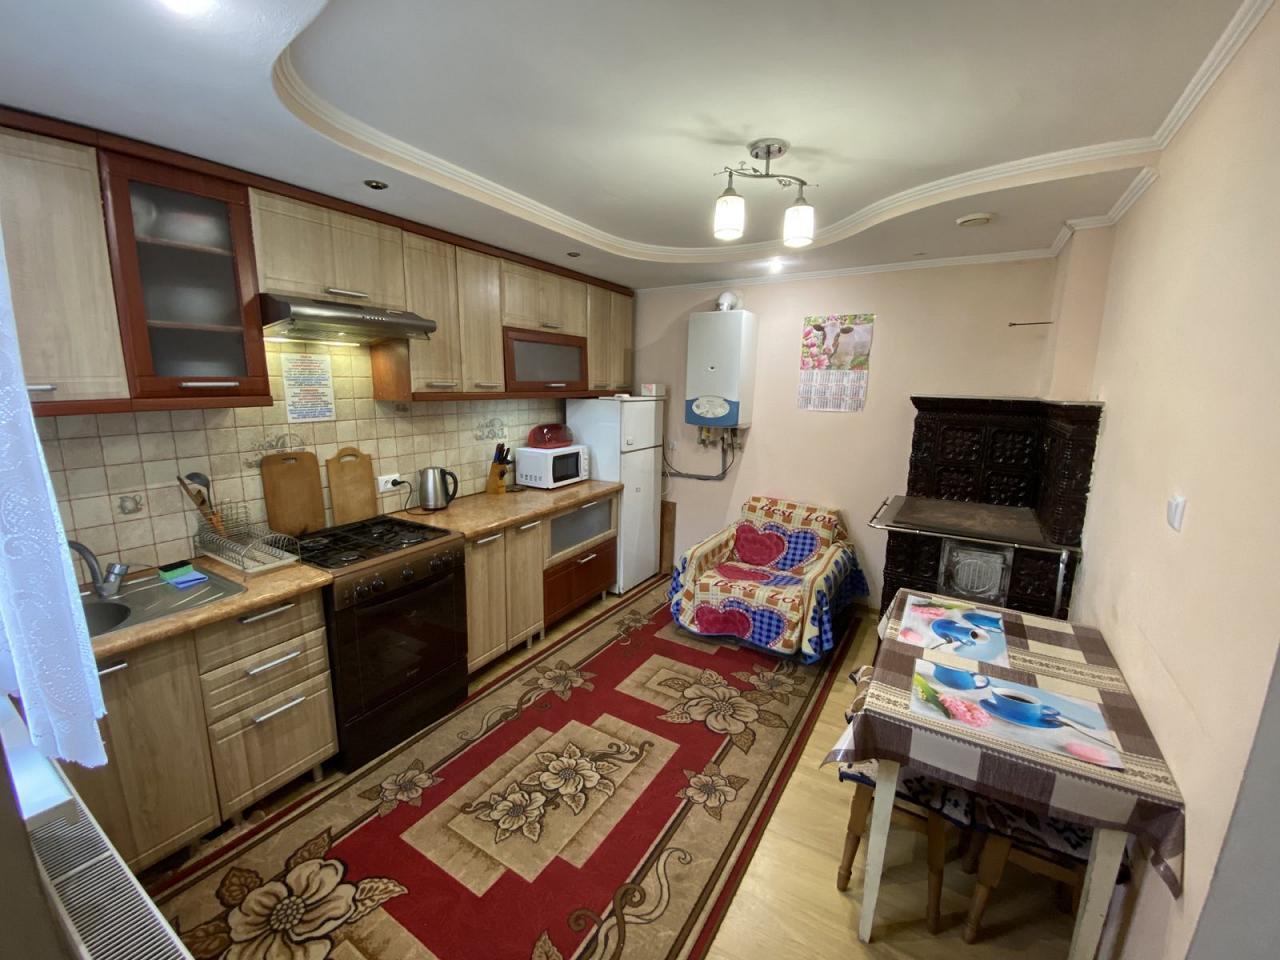 3-кімнатна квартира,вул.Січових Стрільців 14 (6)